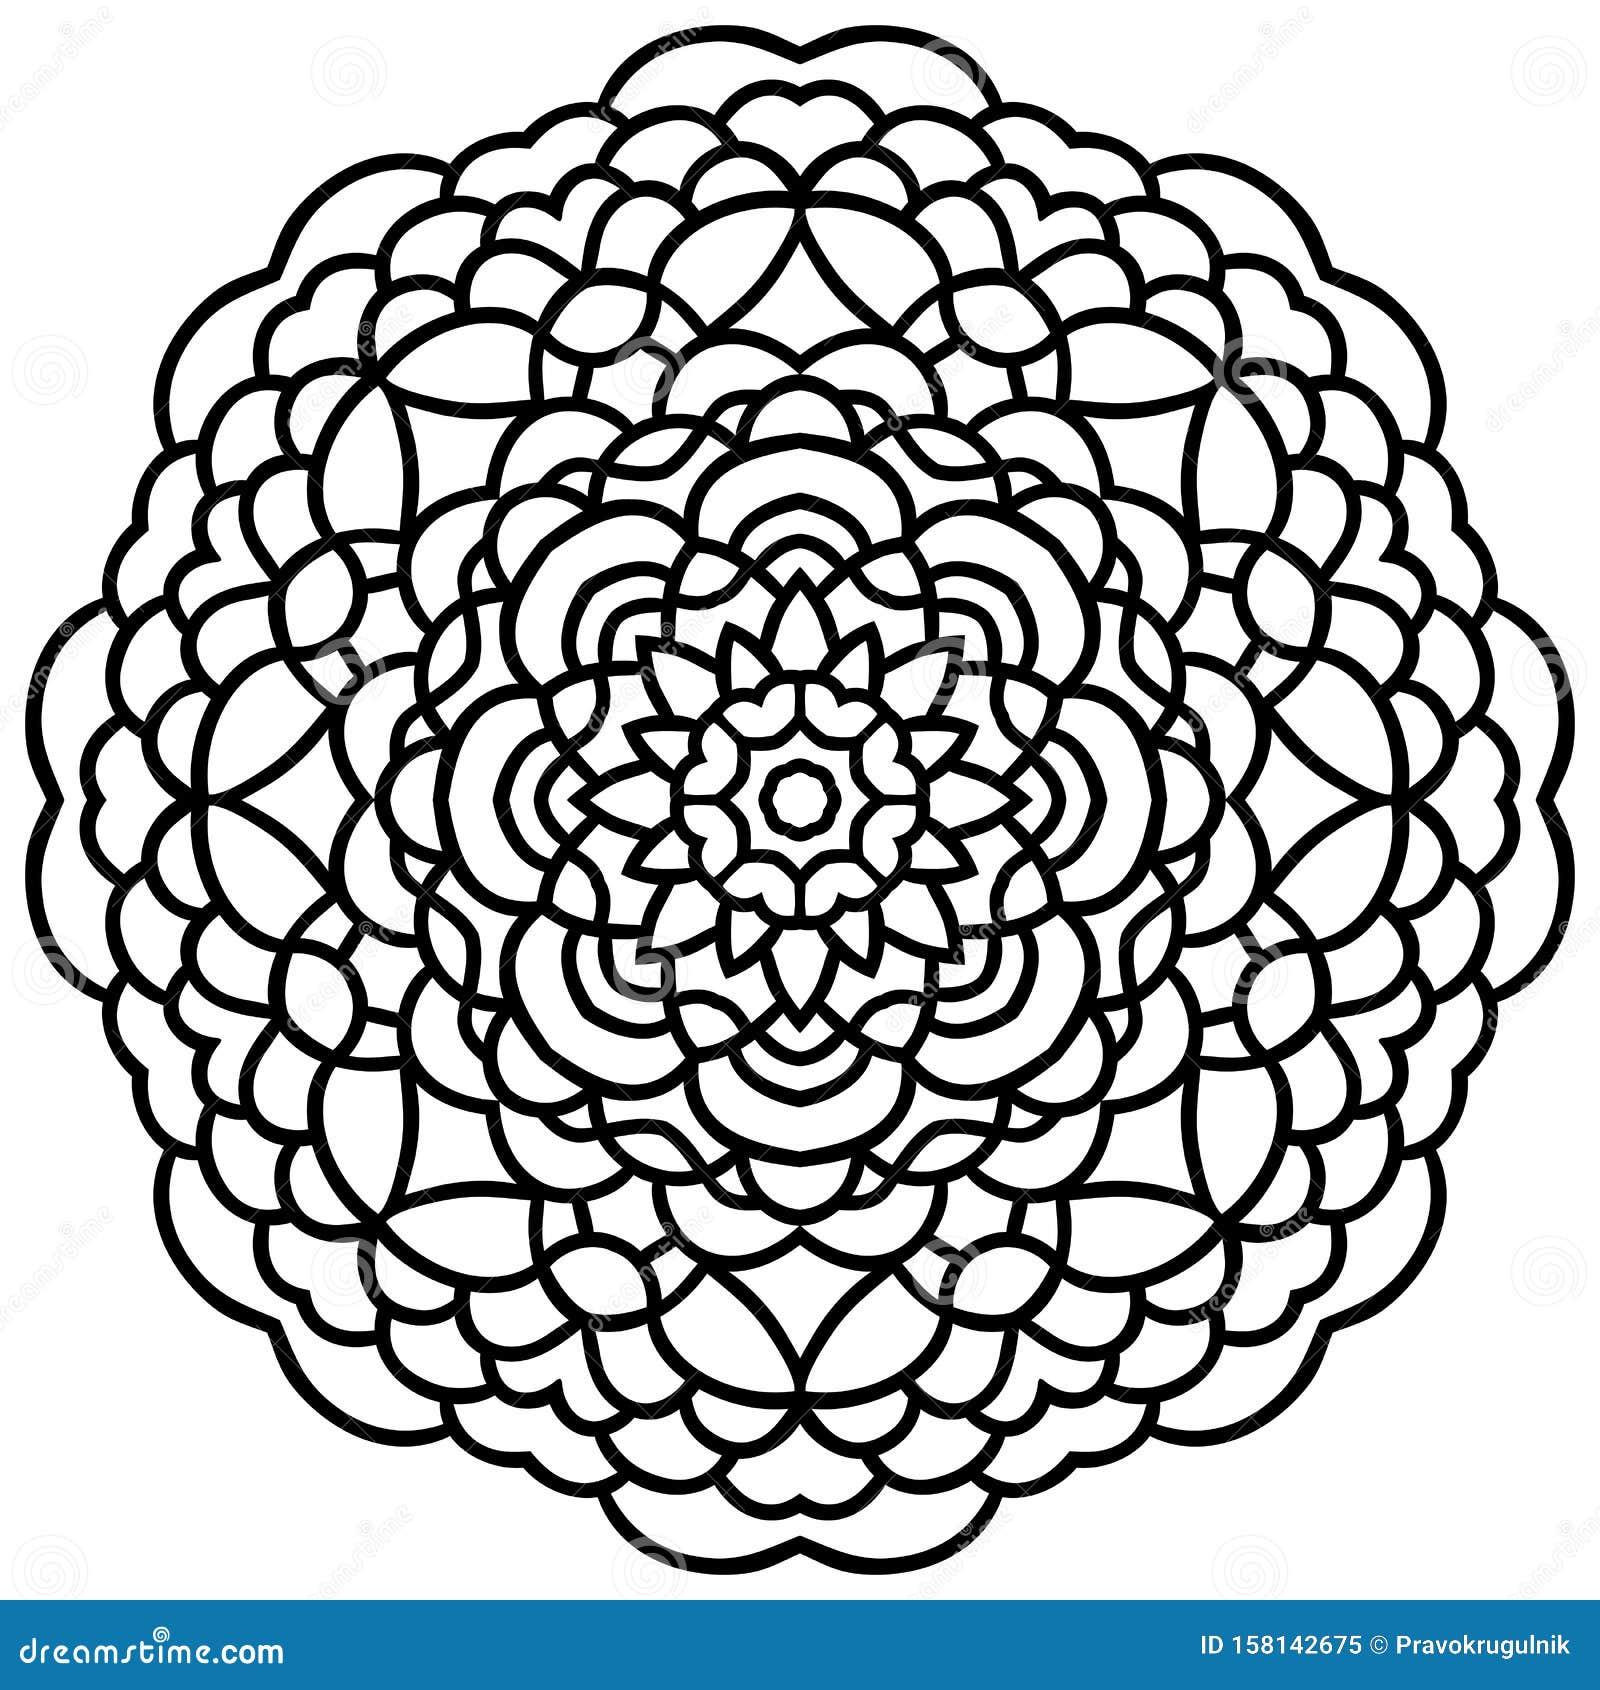 Vector hand drawn flower mandala black outline